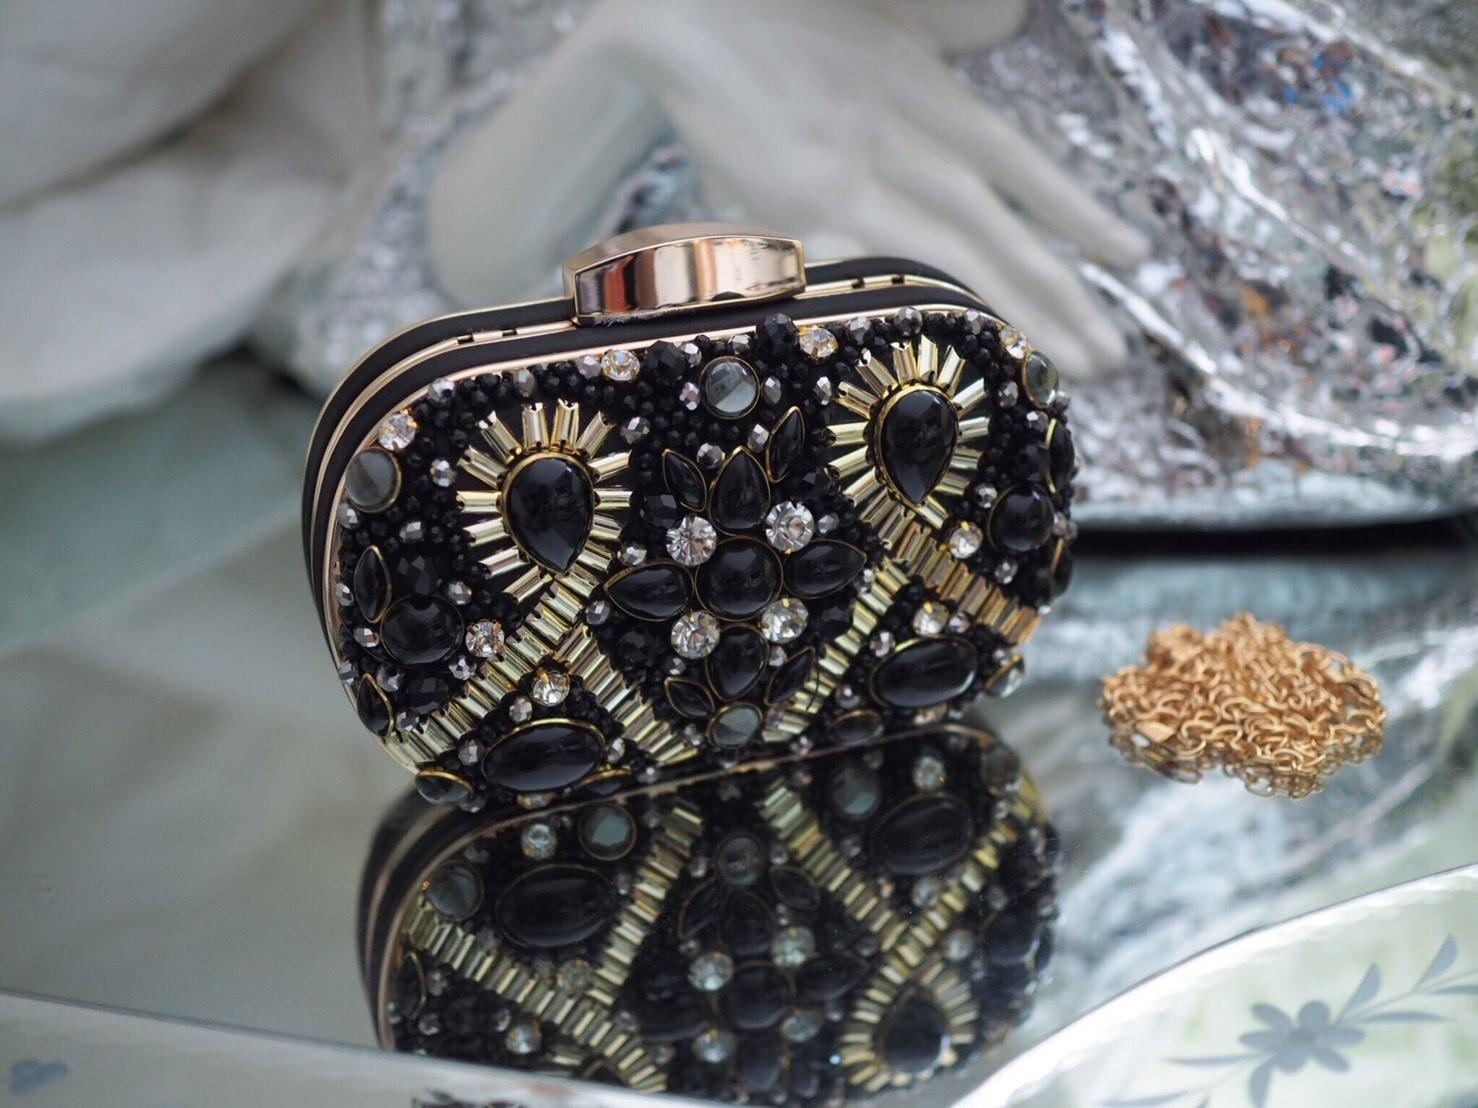 กระเป๋าคลัทช์ Magic Bag งานเกาหลี นำเข้า งานปักเลื่อม ใช้ได้หลายแบบ ถือได้เป็นคลัทช์ &สะพายข้างได้ งานปักแน่นแน่น สวยหรูดูดี ละดูแพงมาก วัสดุตัวกระเป๋าใช้โครงเหล็กเกรด A ตัวที่นำมาปักเลือมใช้หินละลูกปัดที่คัดเองทุกชิ้น มีสายสะพายโซ่ แบบยาวสะพายข้างสามารถ